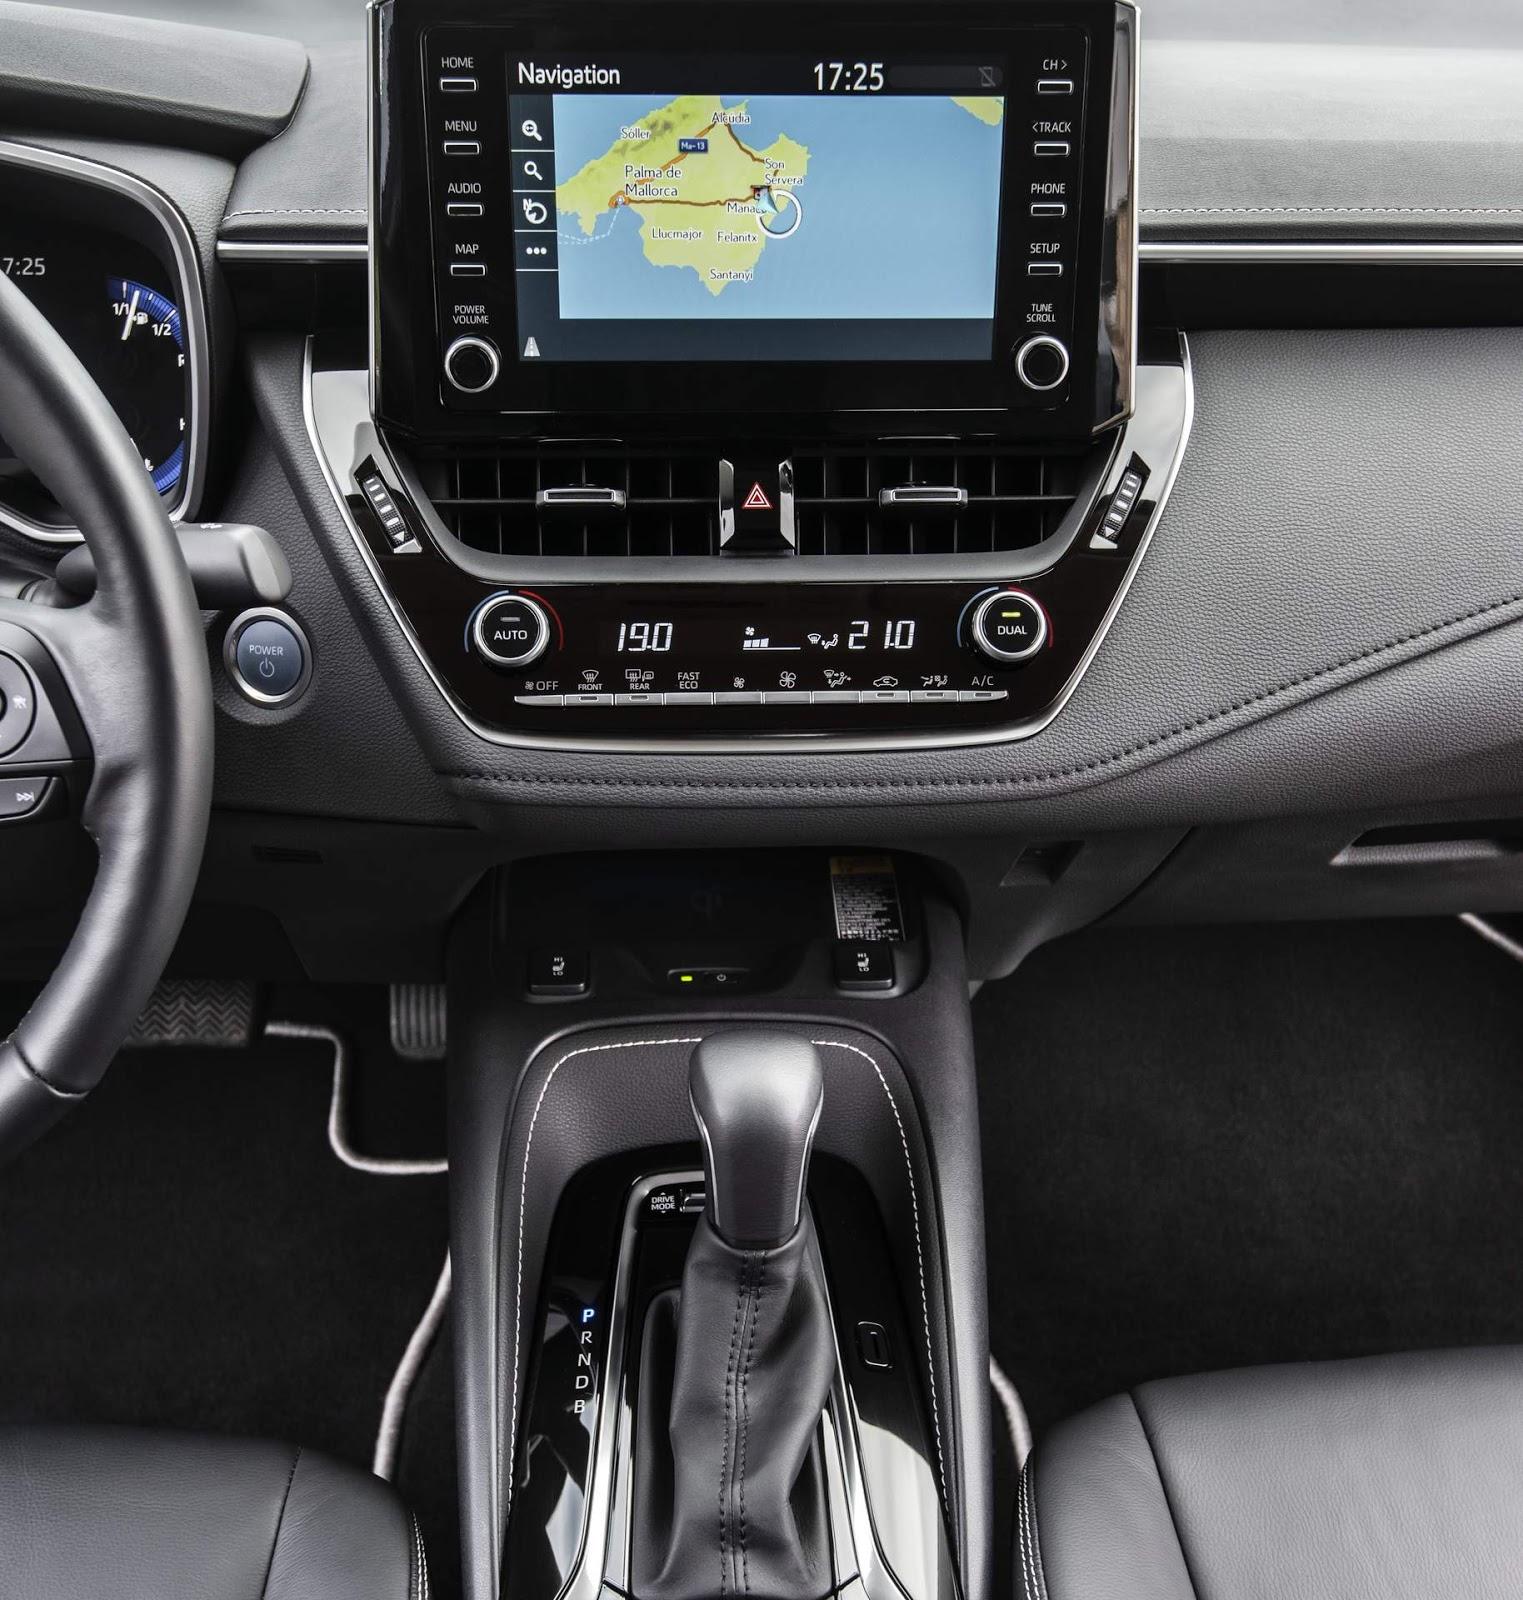 Novo Corolla 2020 Hybrid: Preços, Fotos E Consumo